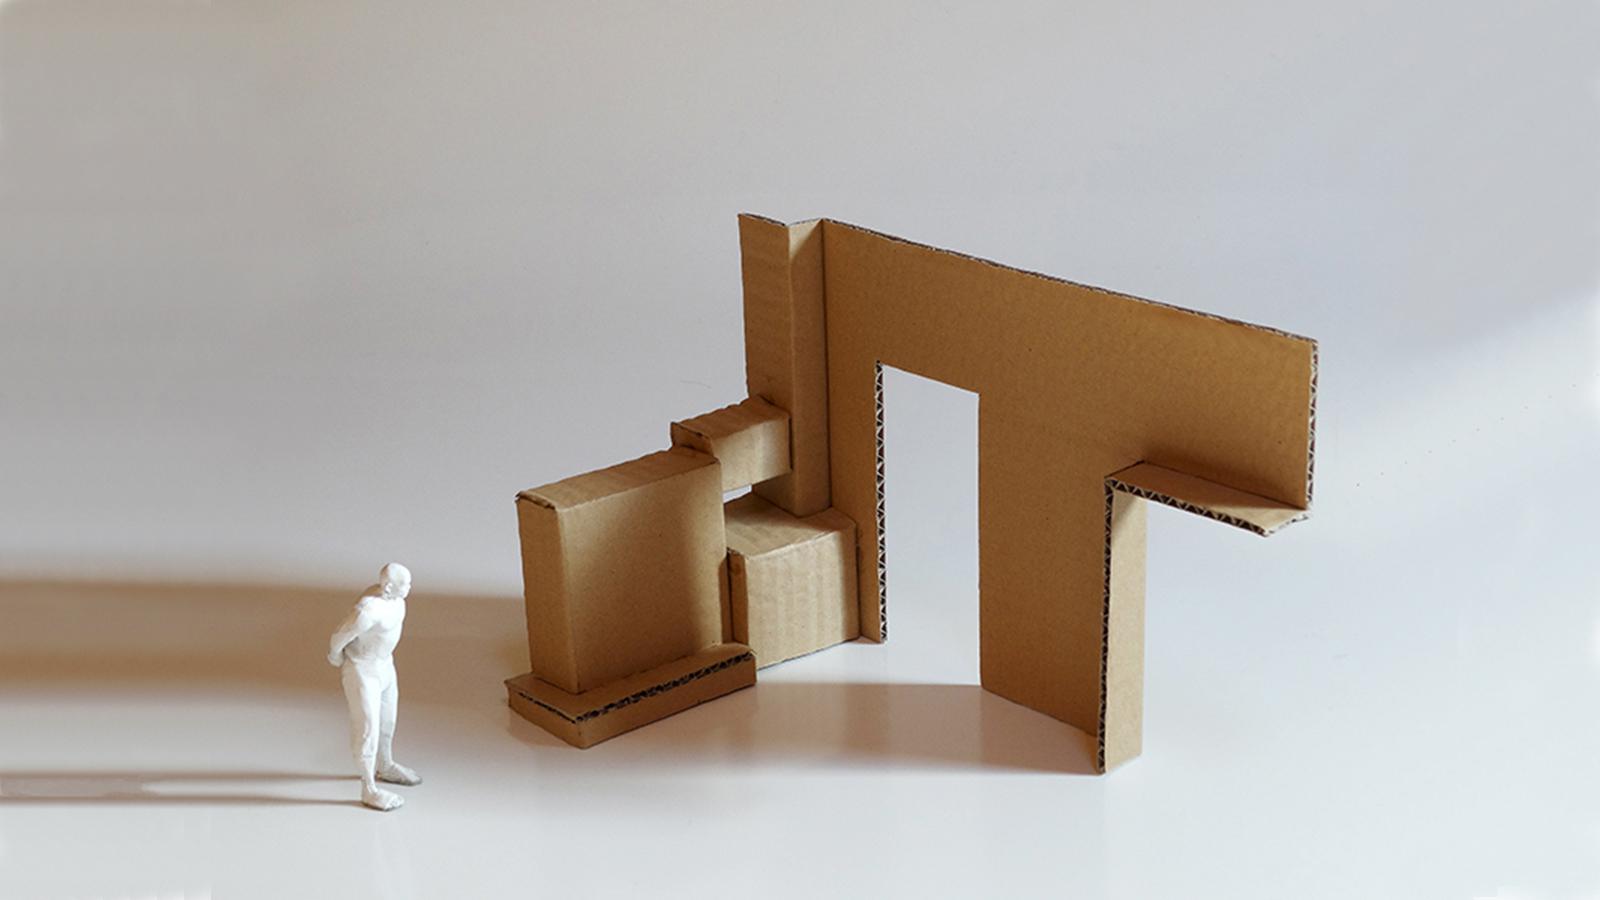 thierry ferreira, projet, art, arte, maqueta, model, sculpture, escultura